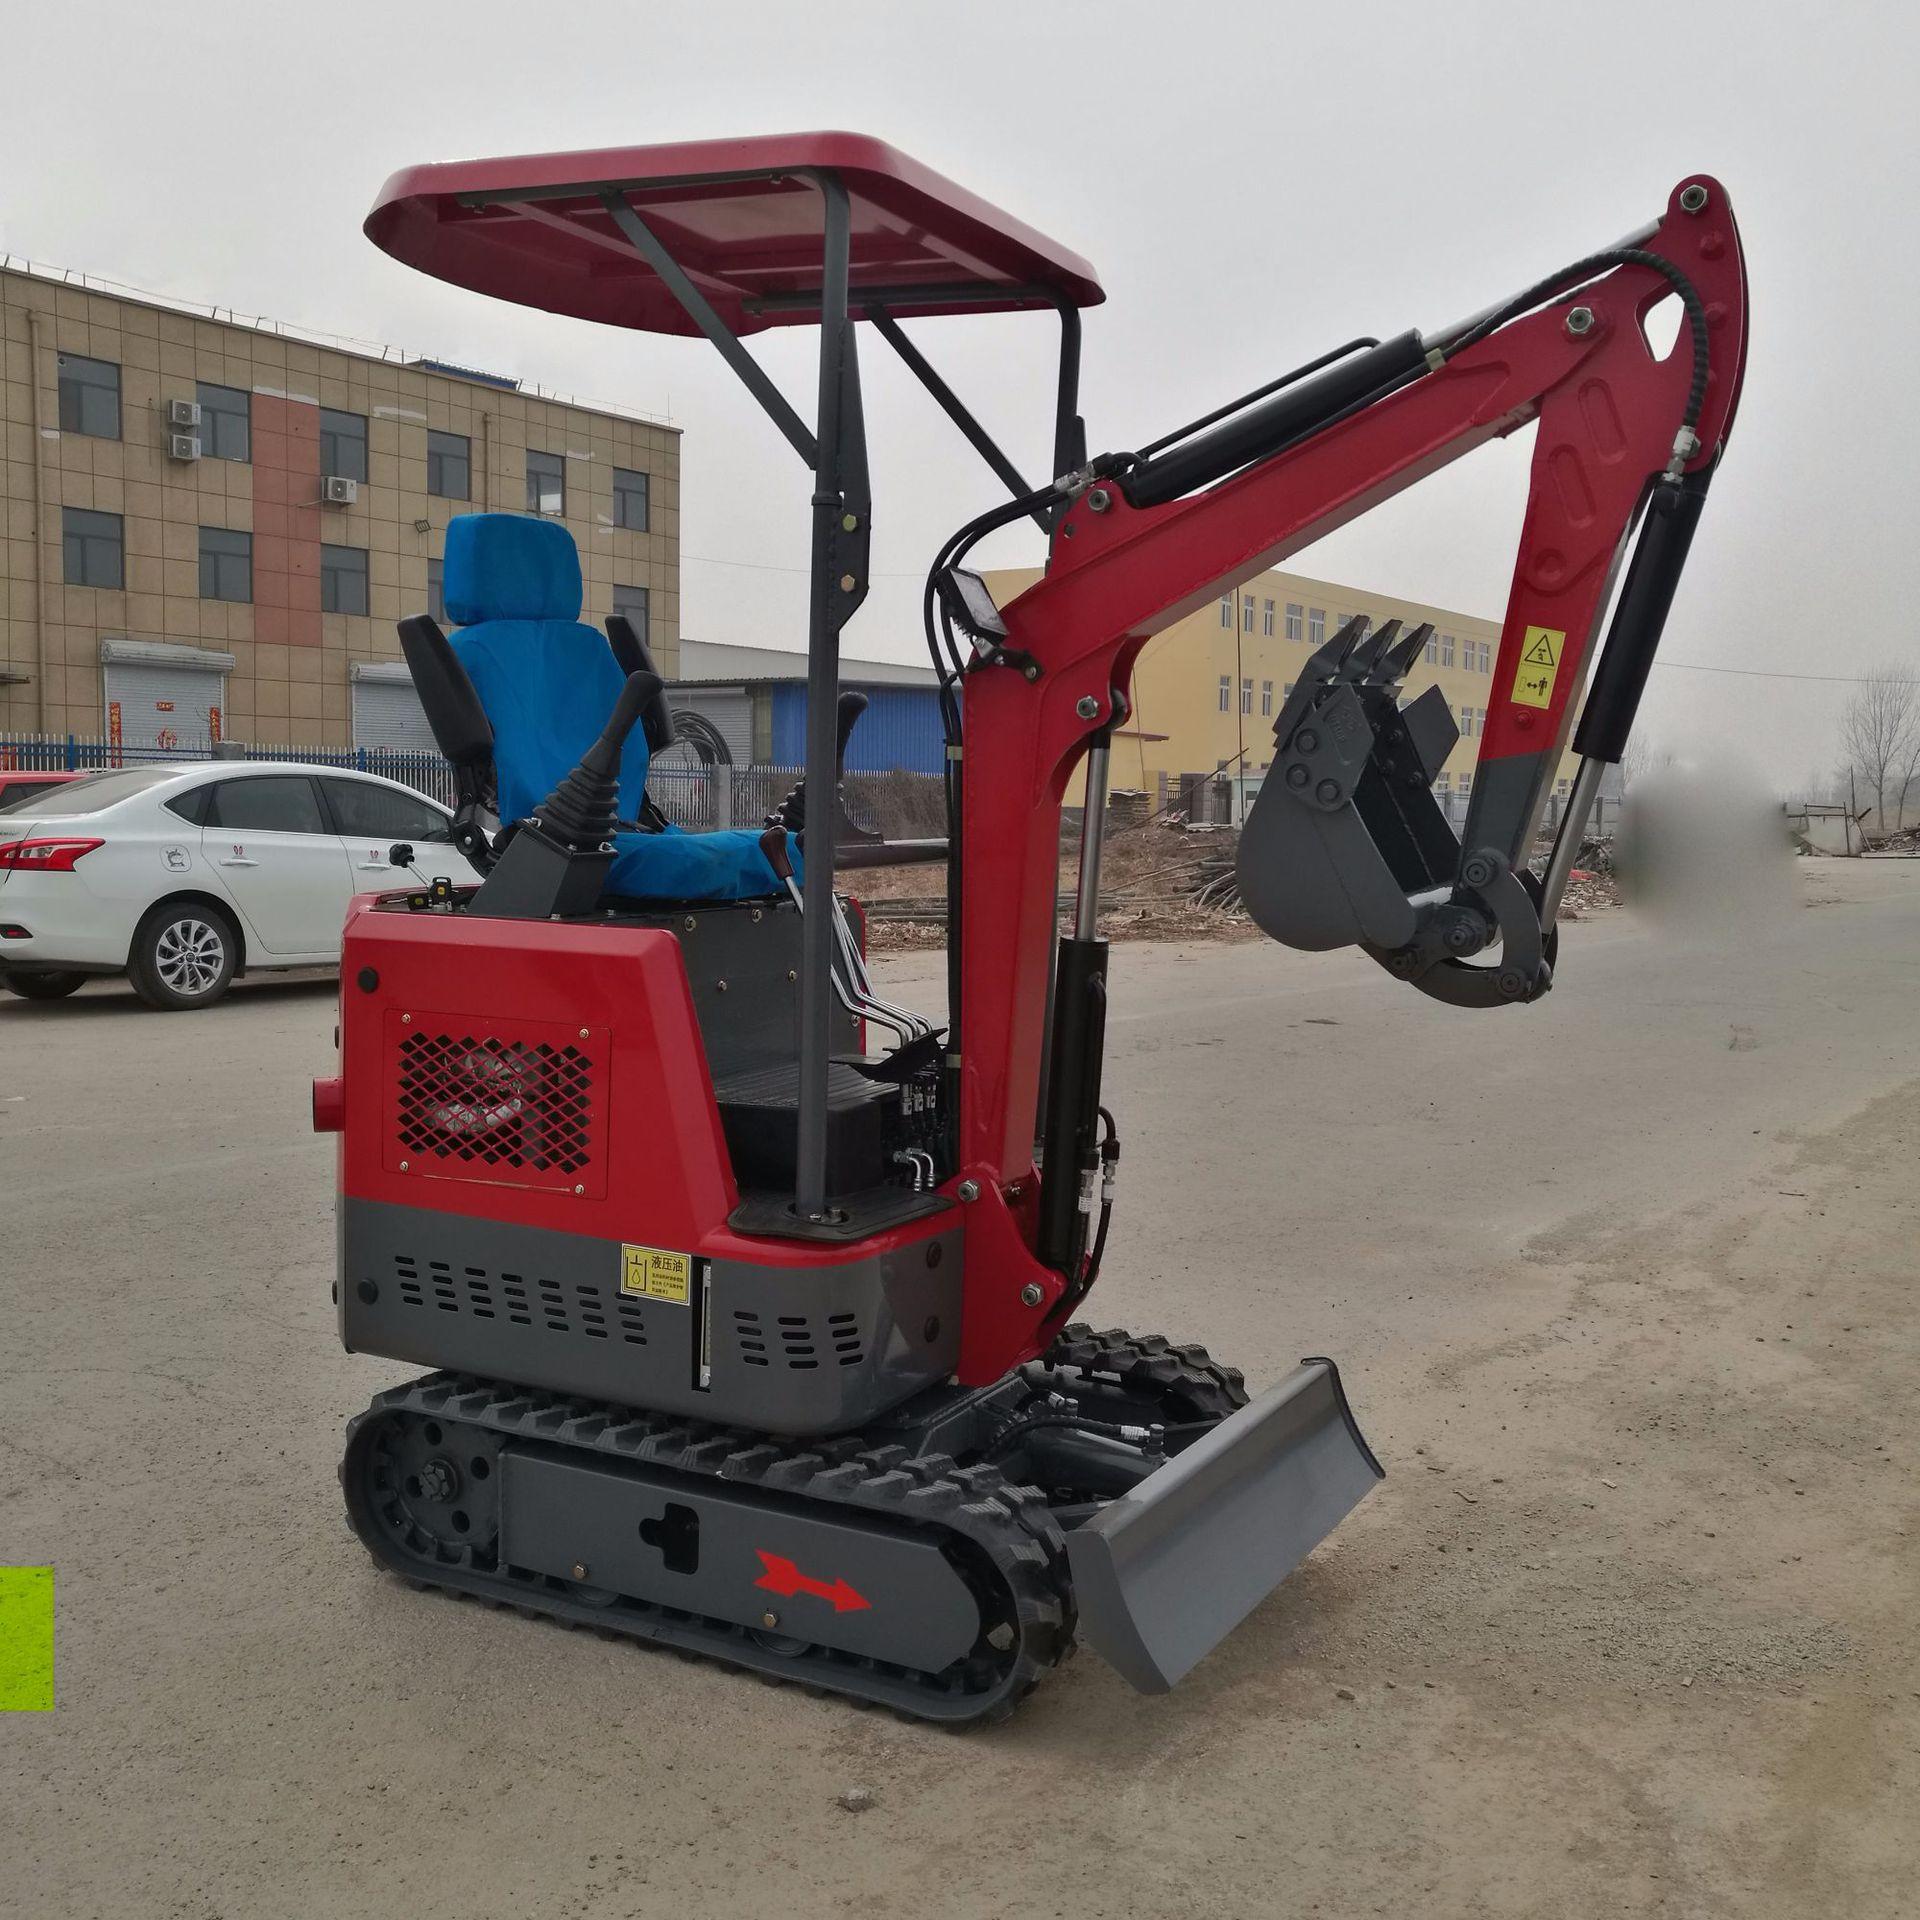 新款热销1.5吨液压挖掘机 15全液压小挖机橡胶履带进口发动机优惠